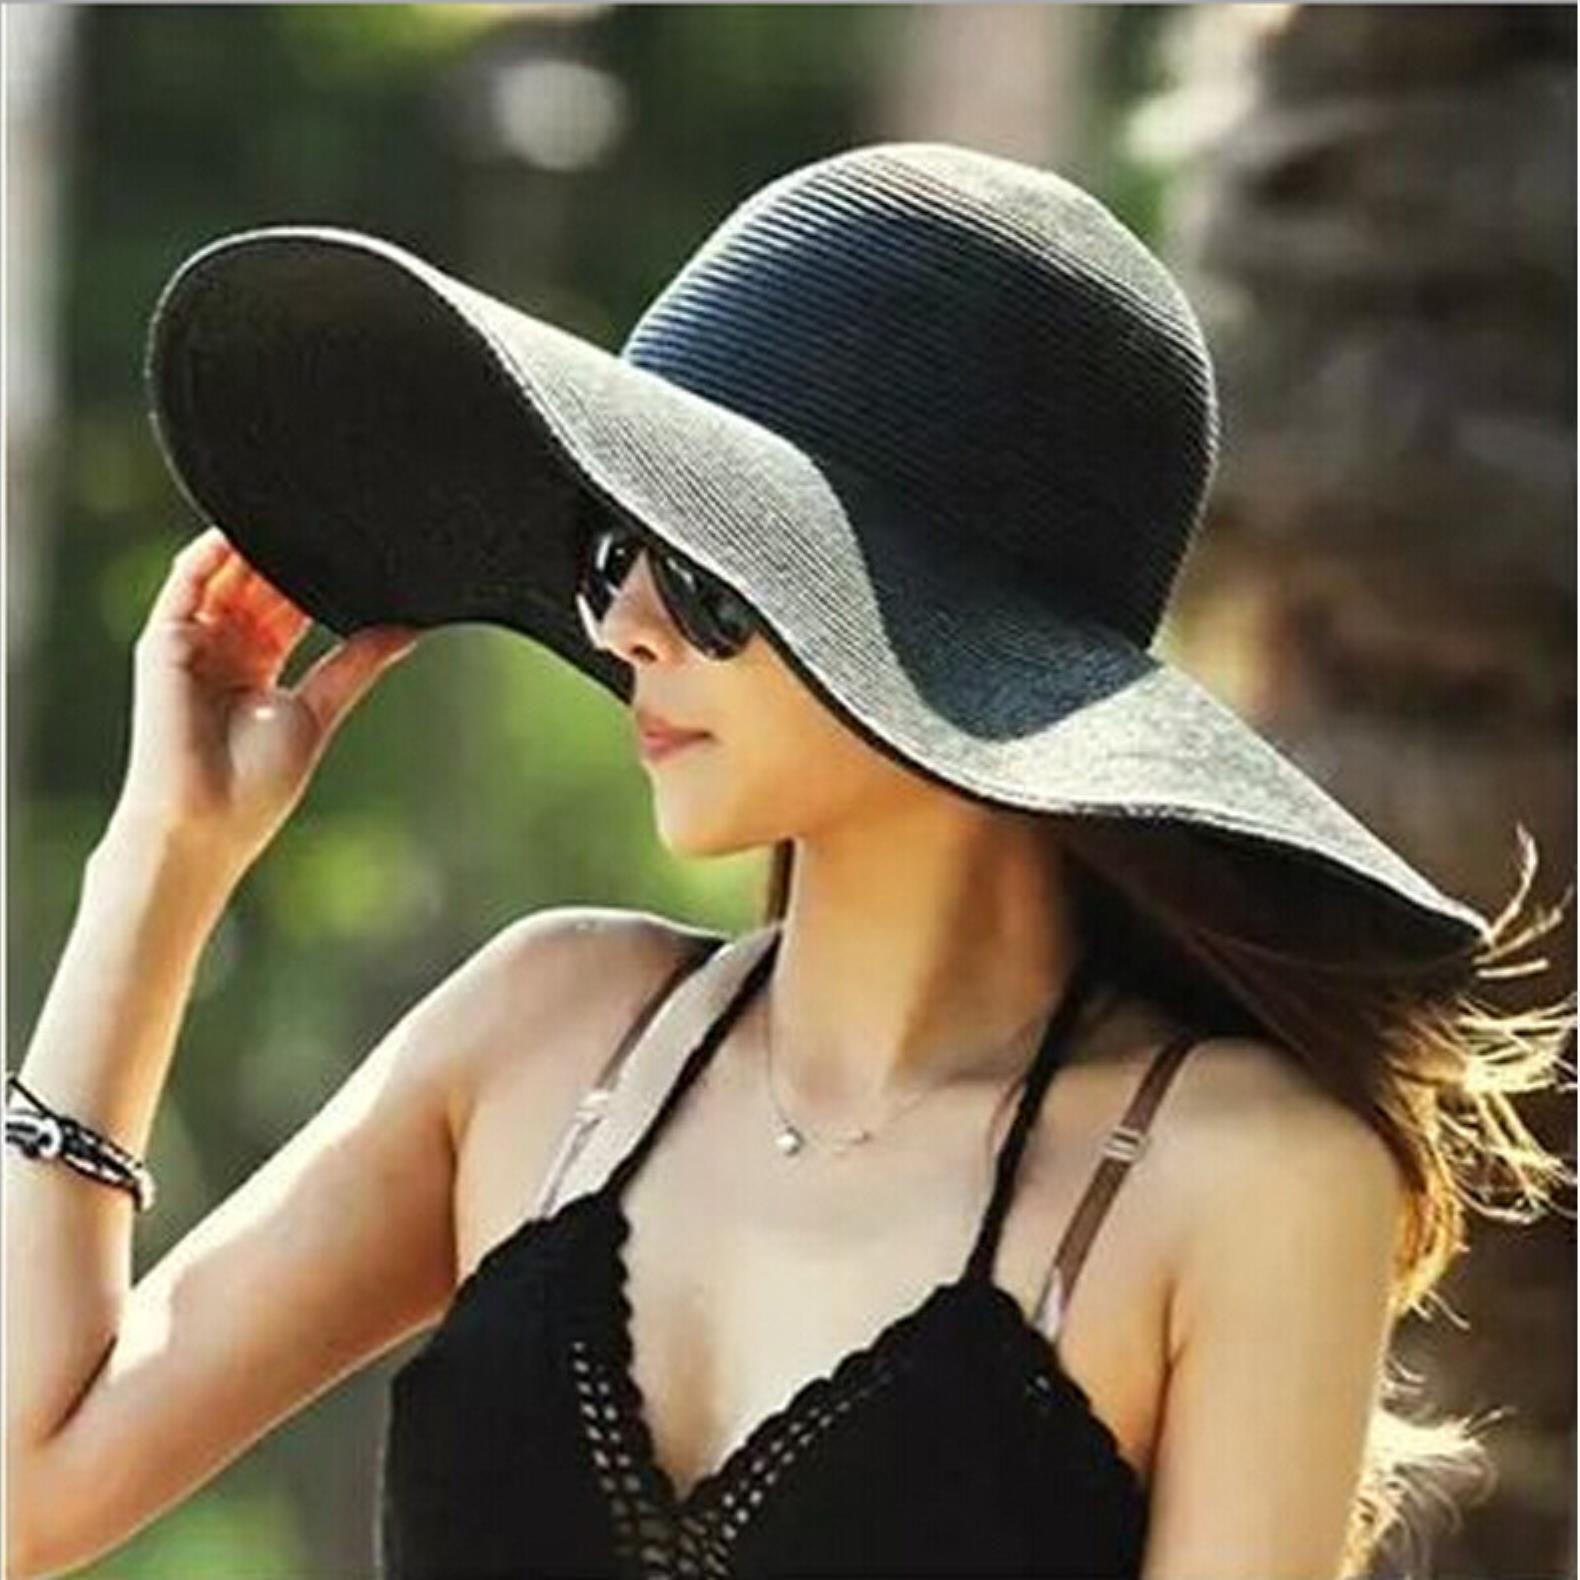 Chapeaux chapeaux, écharpes gants de mode aessories16 couleurs femmes large chapeau bordant chapeau floppy grand sunhat plage st chapeaux soleil dames extérieur pliable drogue